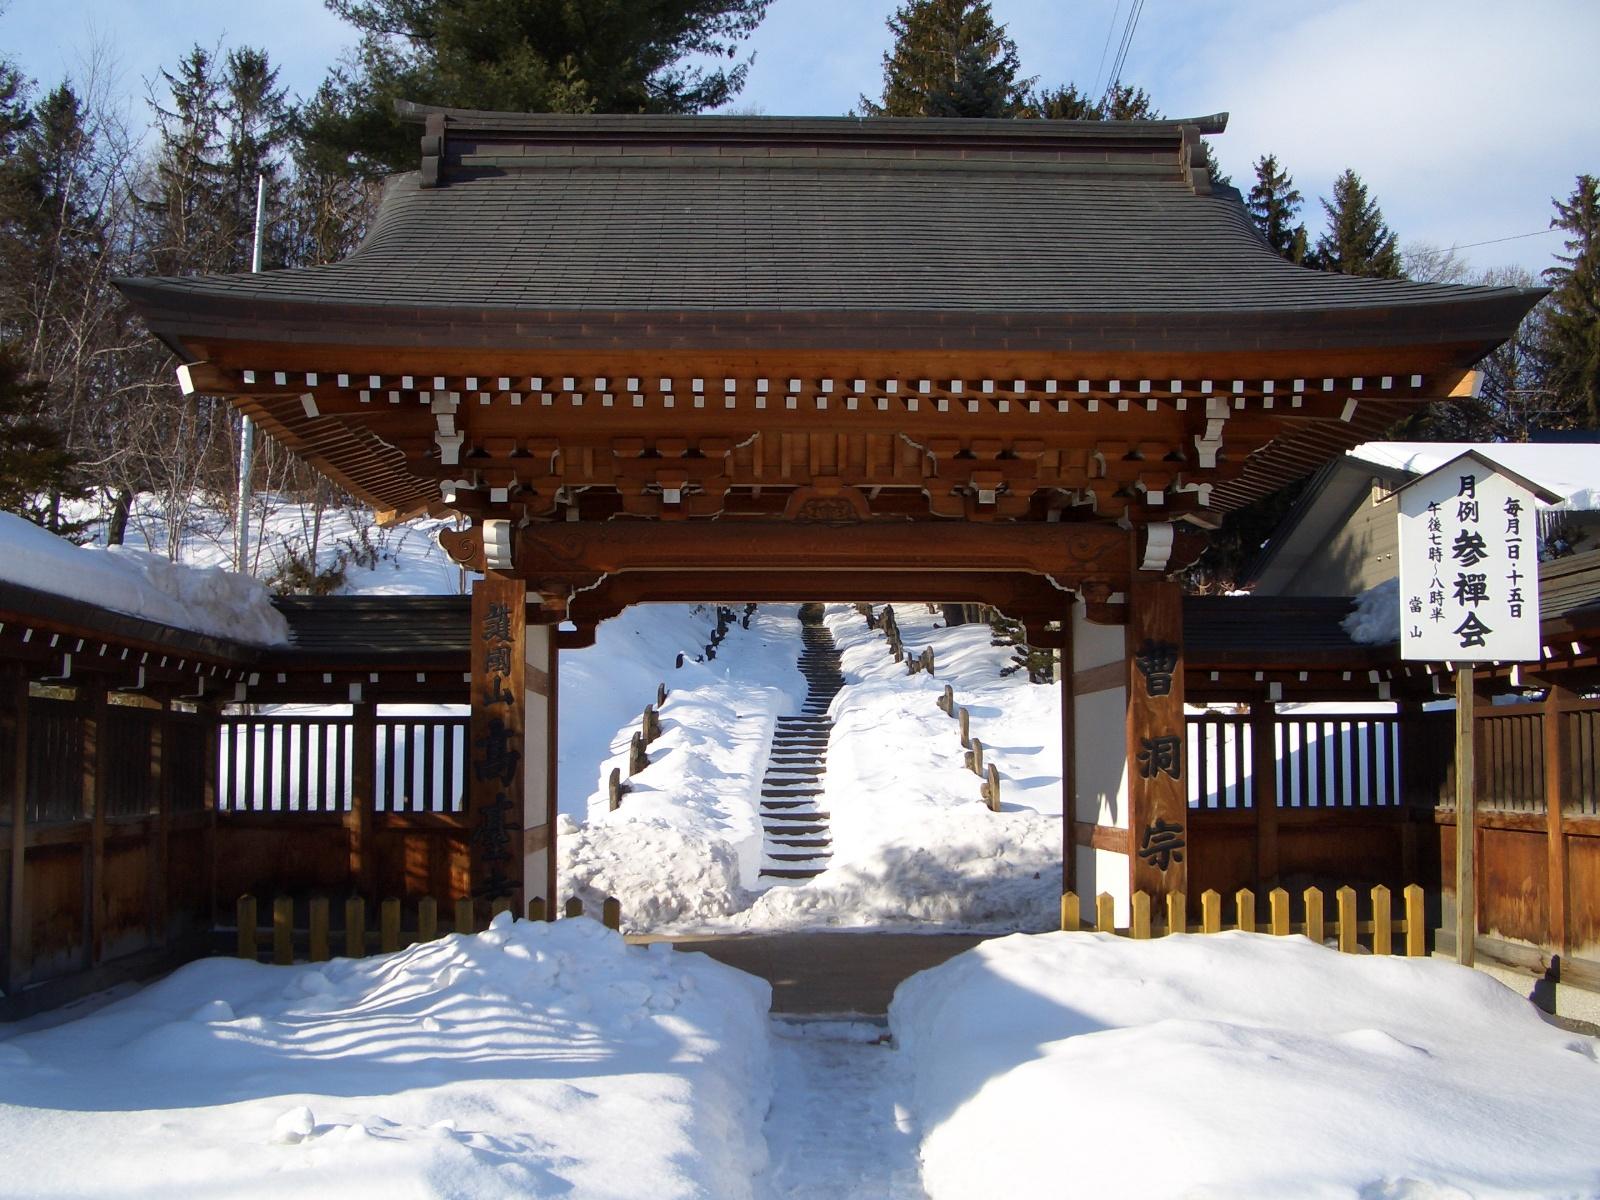 gokokusan_kodaiji_temple_gate